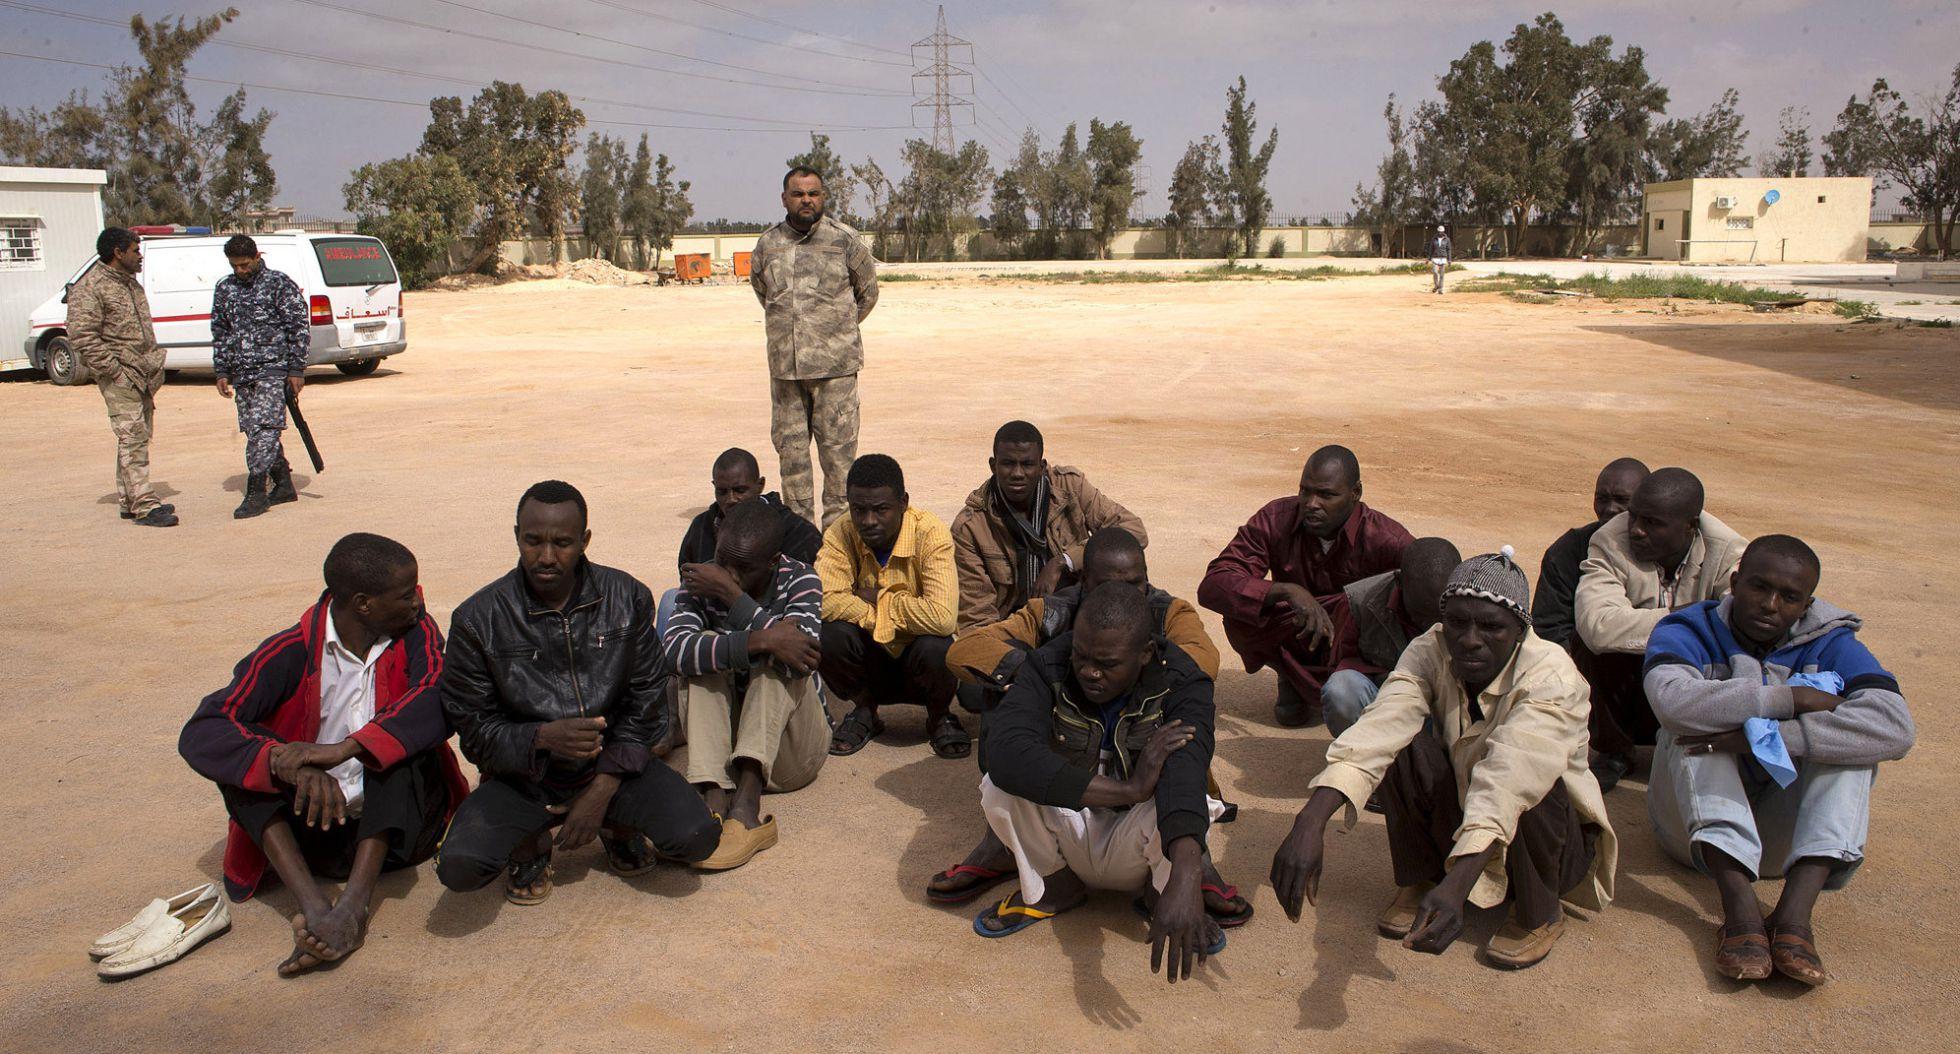 Libia. Internacionalismo proletario frente a apoyo a bandos capitalistas. - Página 10 1456430911_091109_1456431133_noticia_normal_recorte1